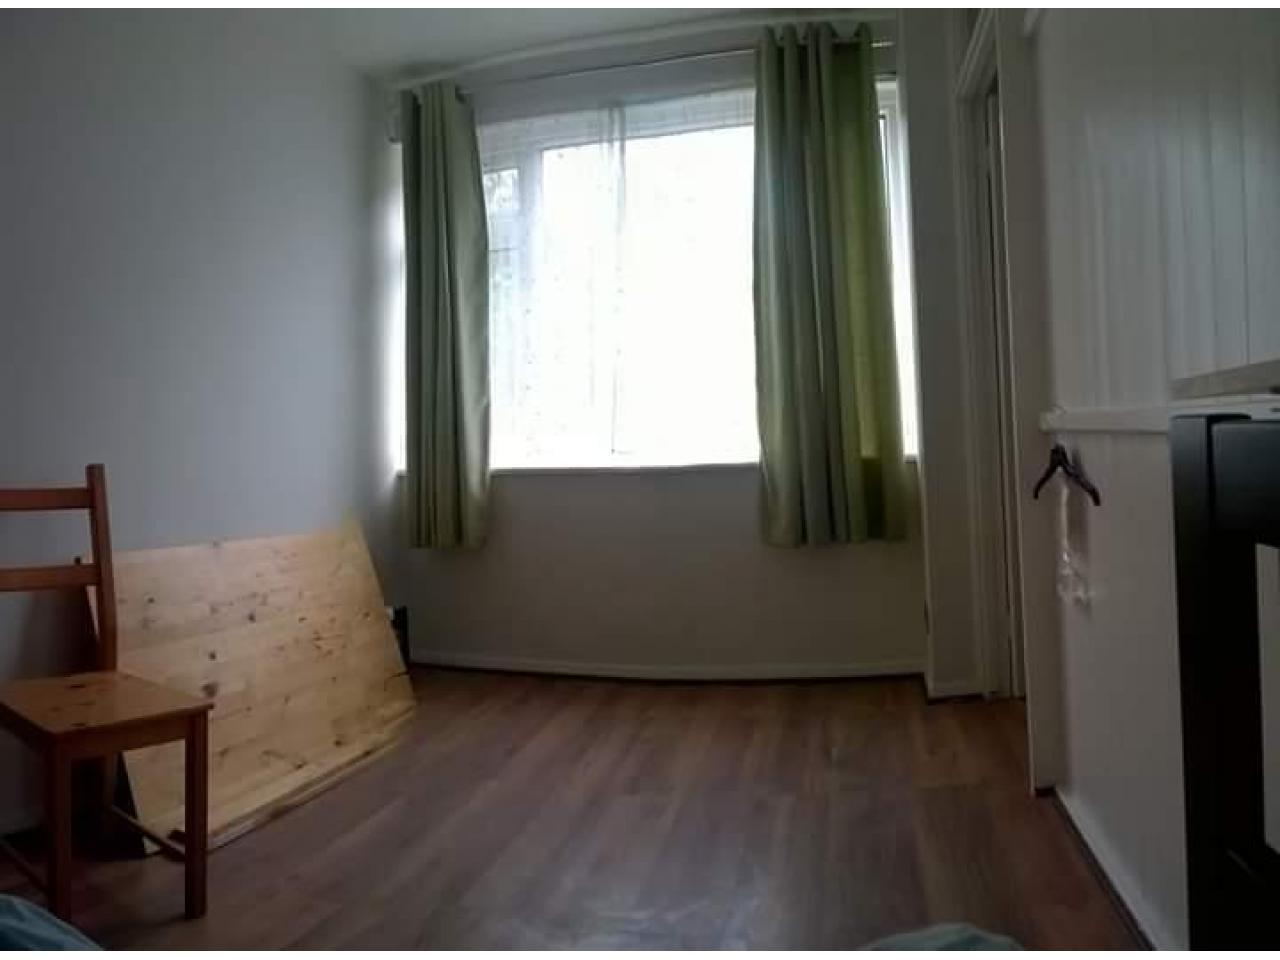 Сдается в хорошие руки 1 Bedroom flat - 1